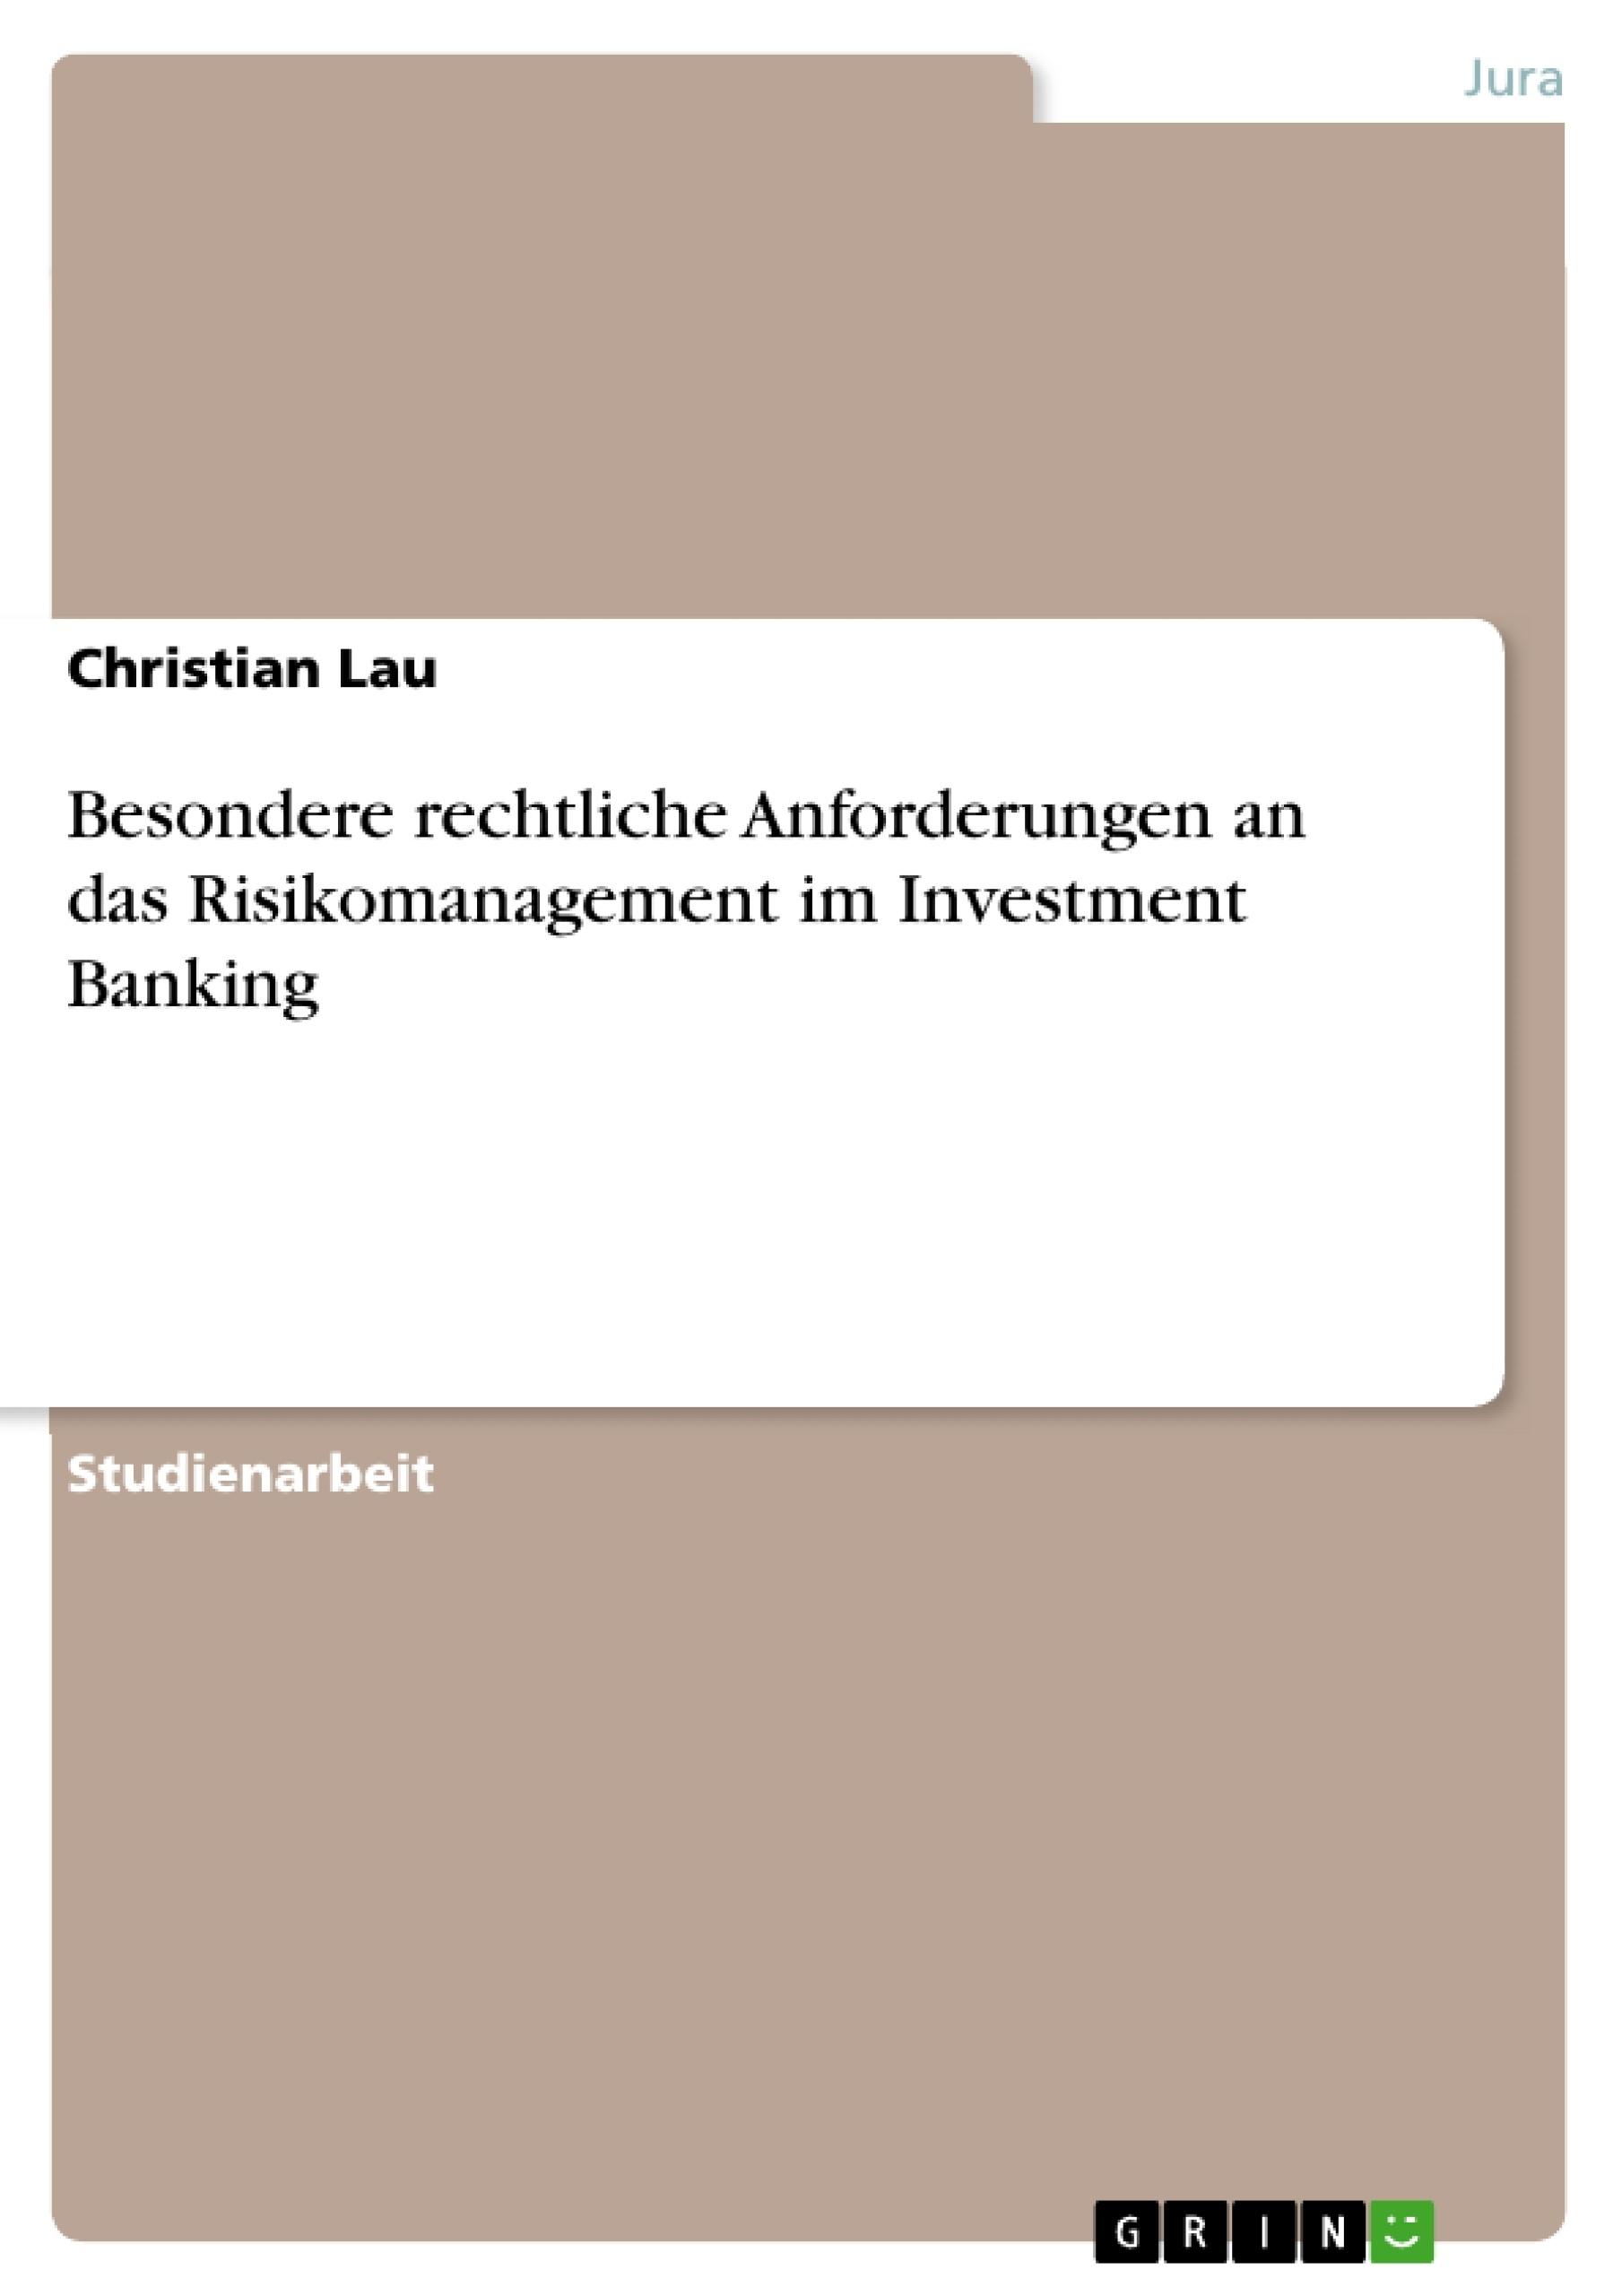 Titel: Besondere rechtliche Anforderungen an das Risikomanagement im Investment Banking